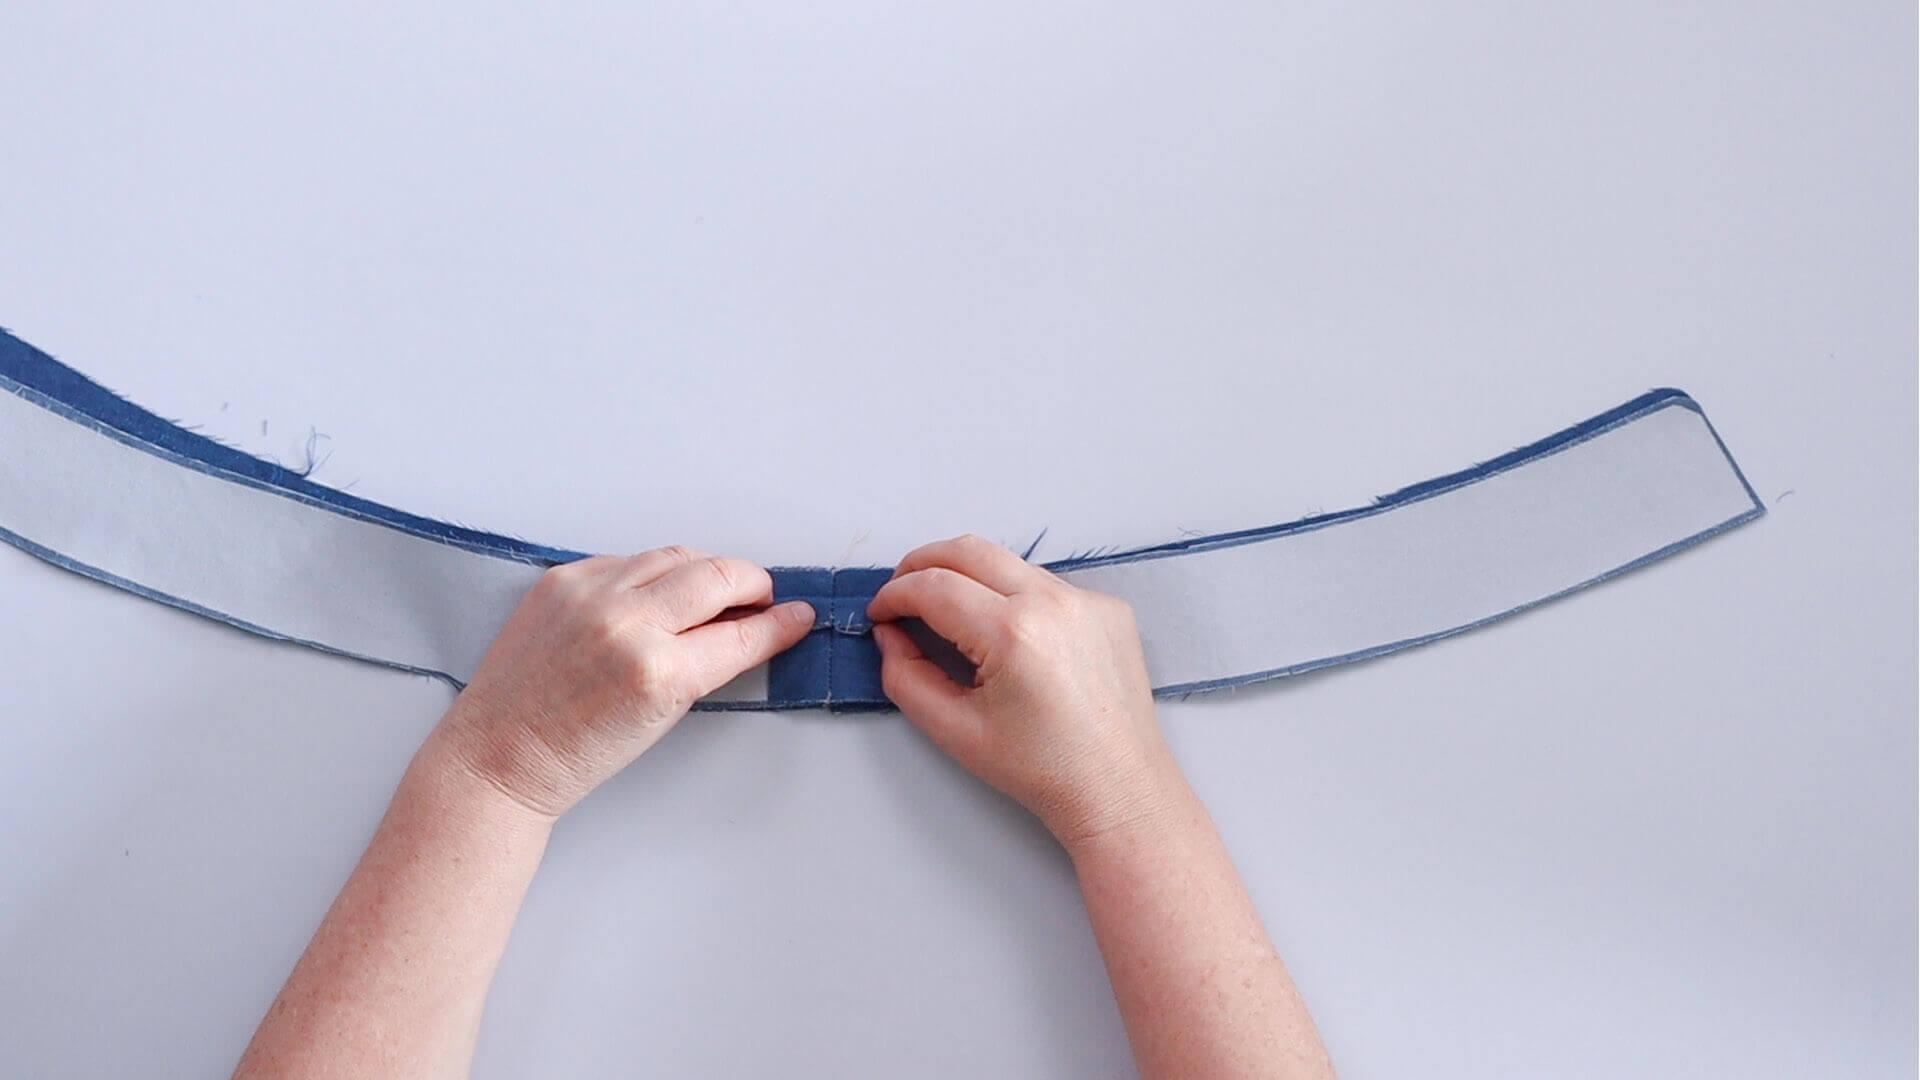 angesetzten Hosenbund #B01 selber nähen-Innen- und Außenbund rechts auf rechts zusammenstecken